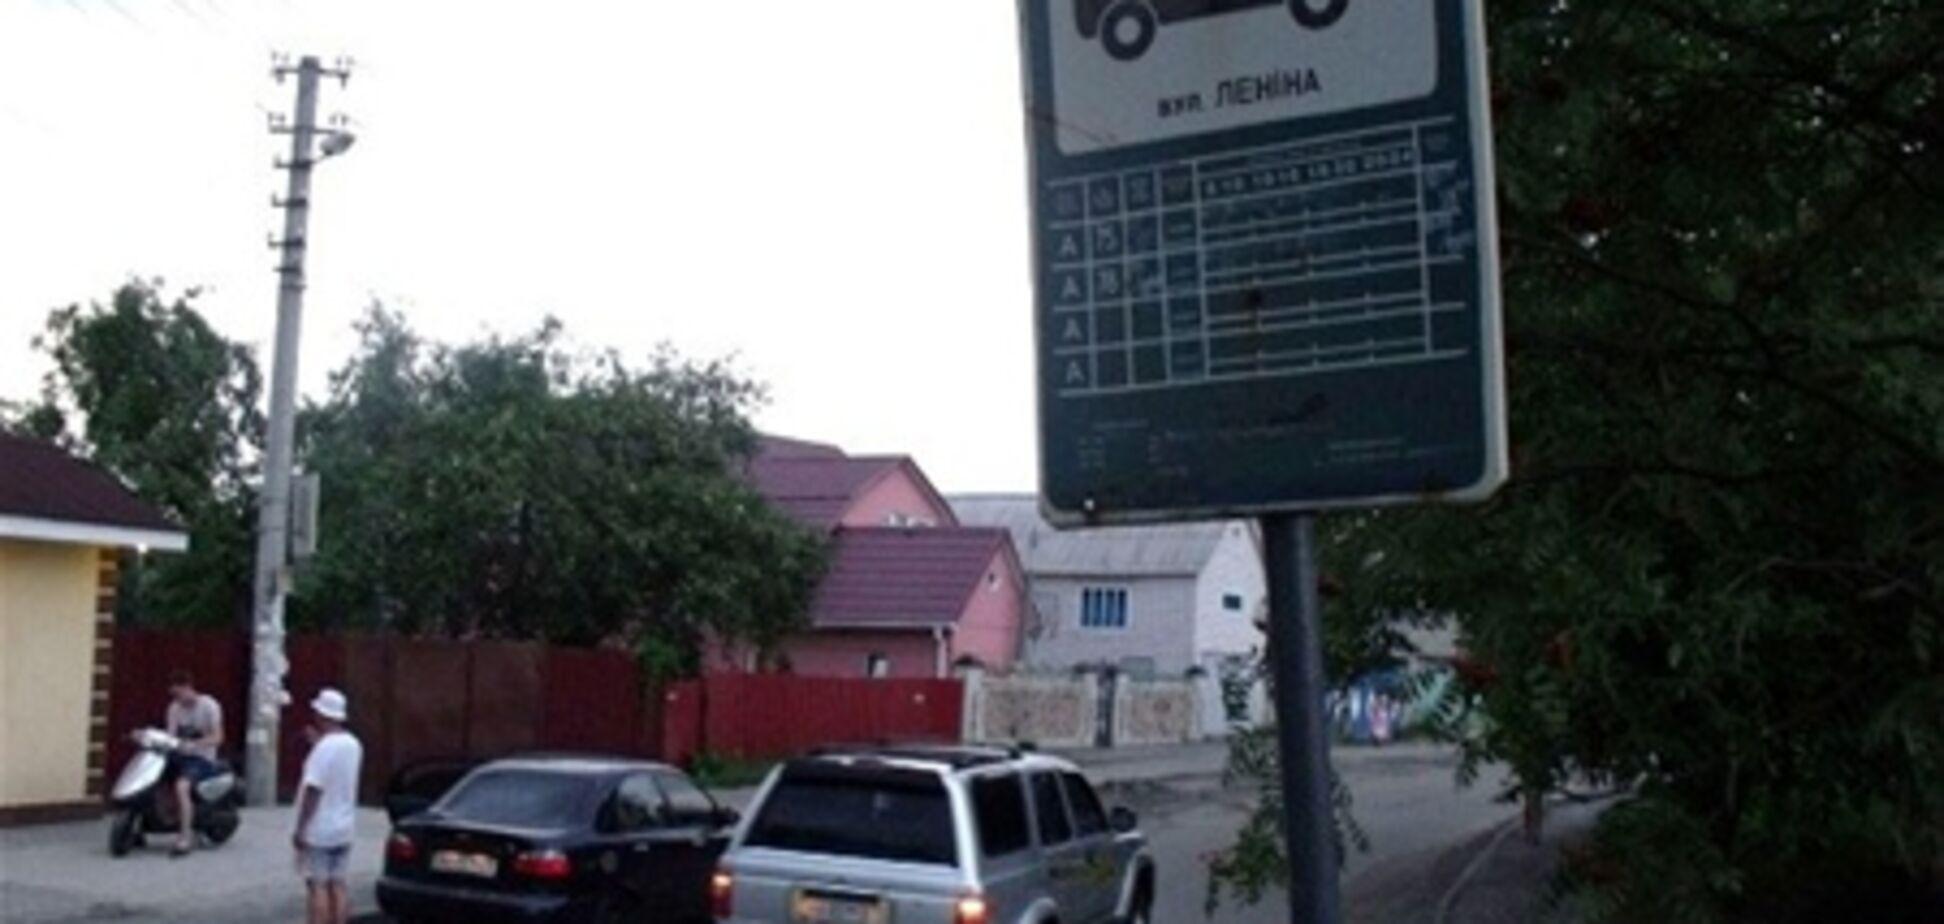 Мой адрес: Киев, улица Ленина